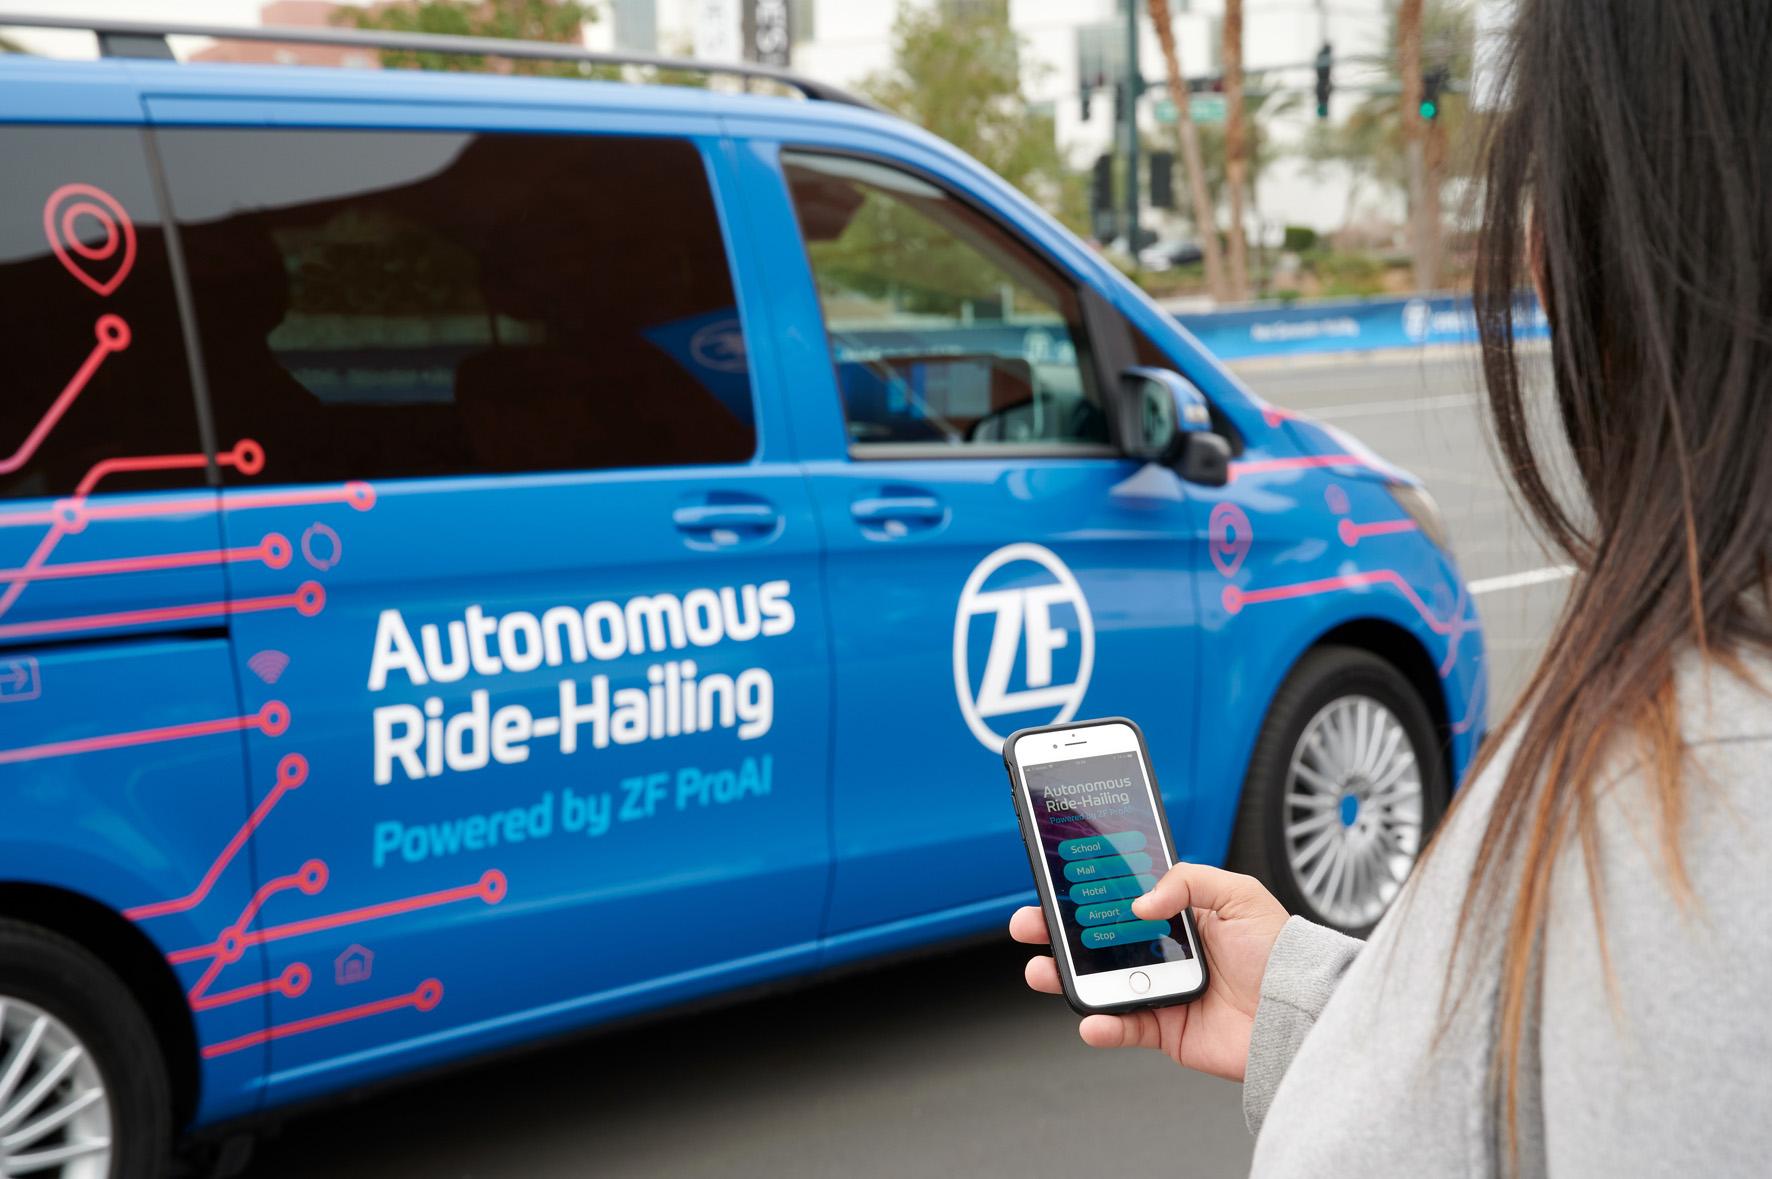 ZF ProAI RoboThink: la guida autonoma è alle porte | CES 2019 thumbnail